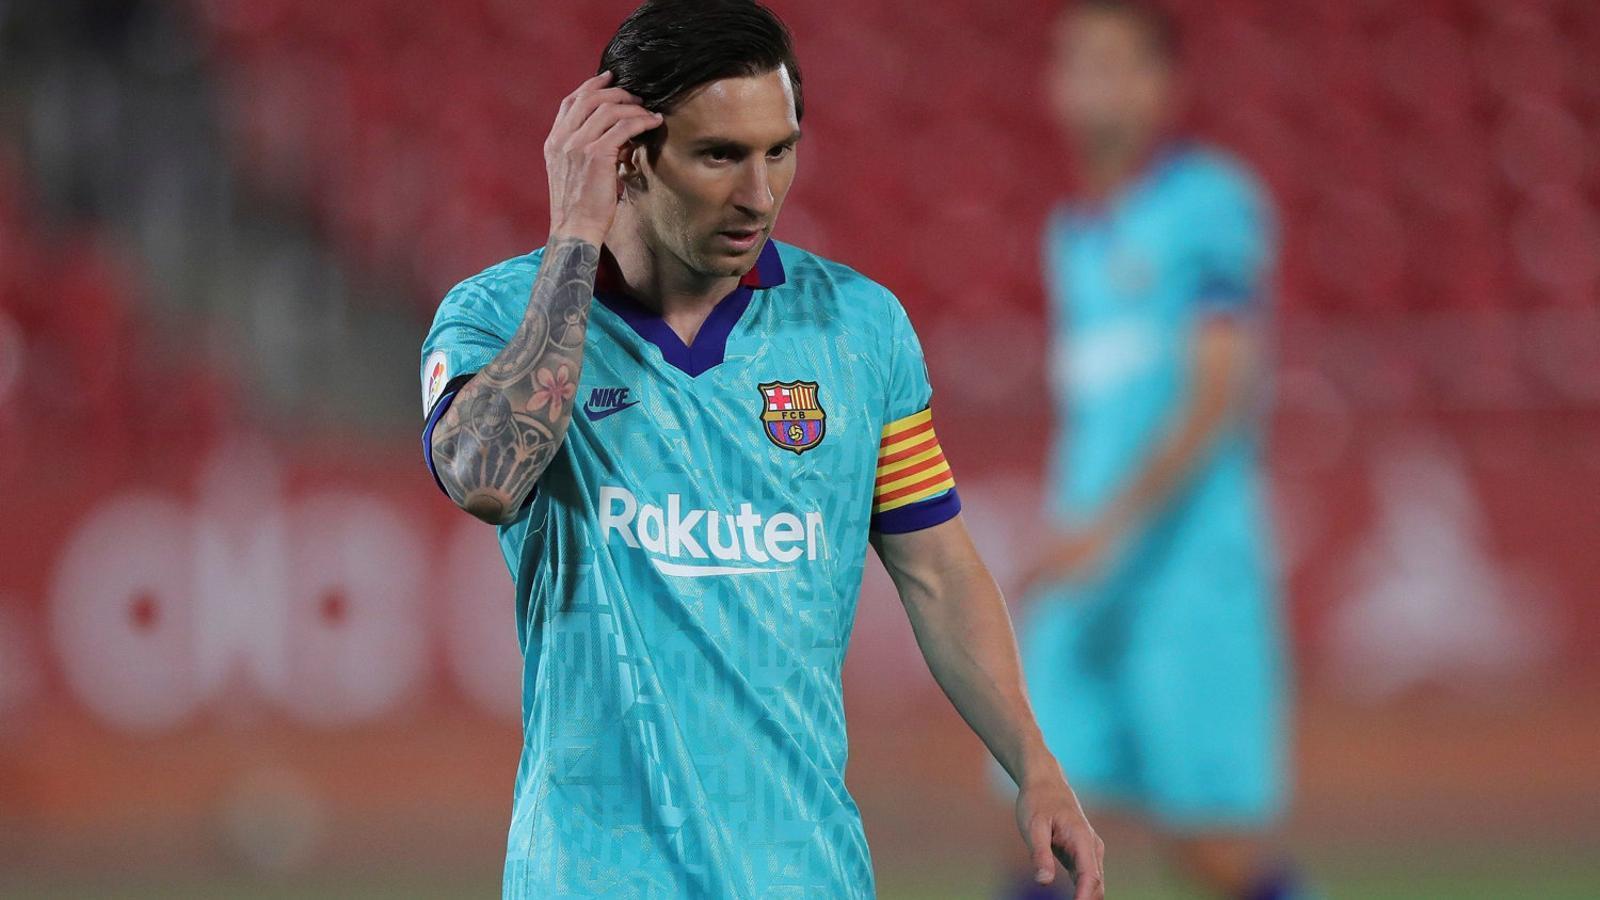 Leo Messi, davanter argentí del Barça, durant el partit de l'equip blaugrana contra el Mallorca.